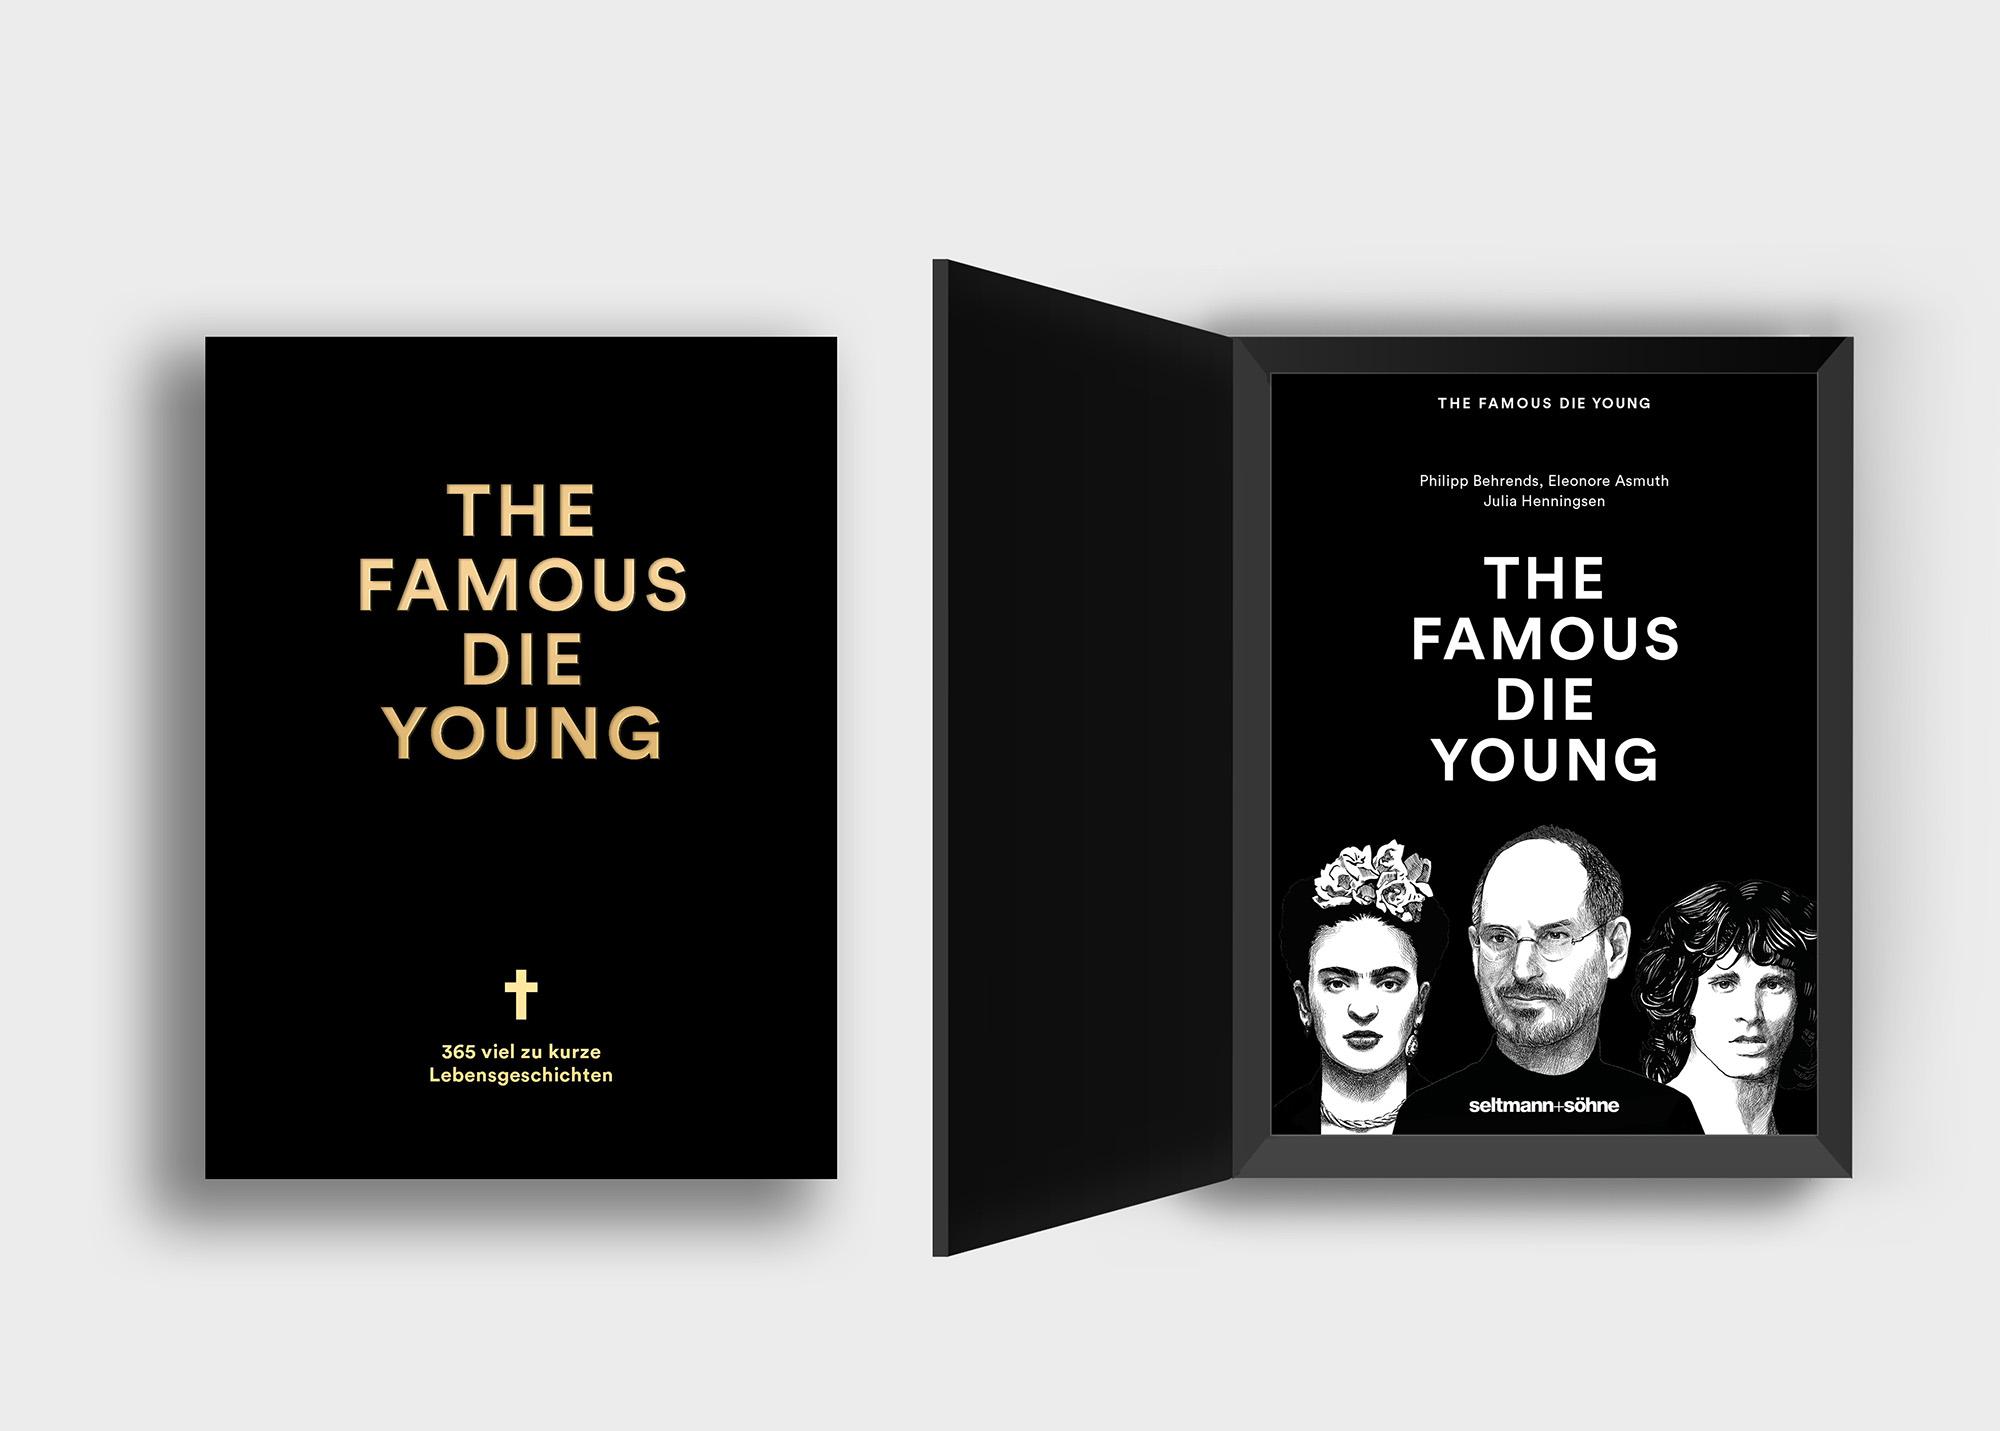 Das Team um Oliver Seltmann und der seltmann+söhne Verlag blickt in die Zeitgeschichte zurück und ehrt 365 zu früh verstorbene Ikonen